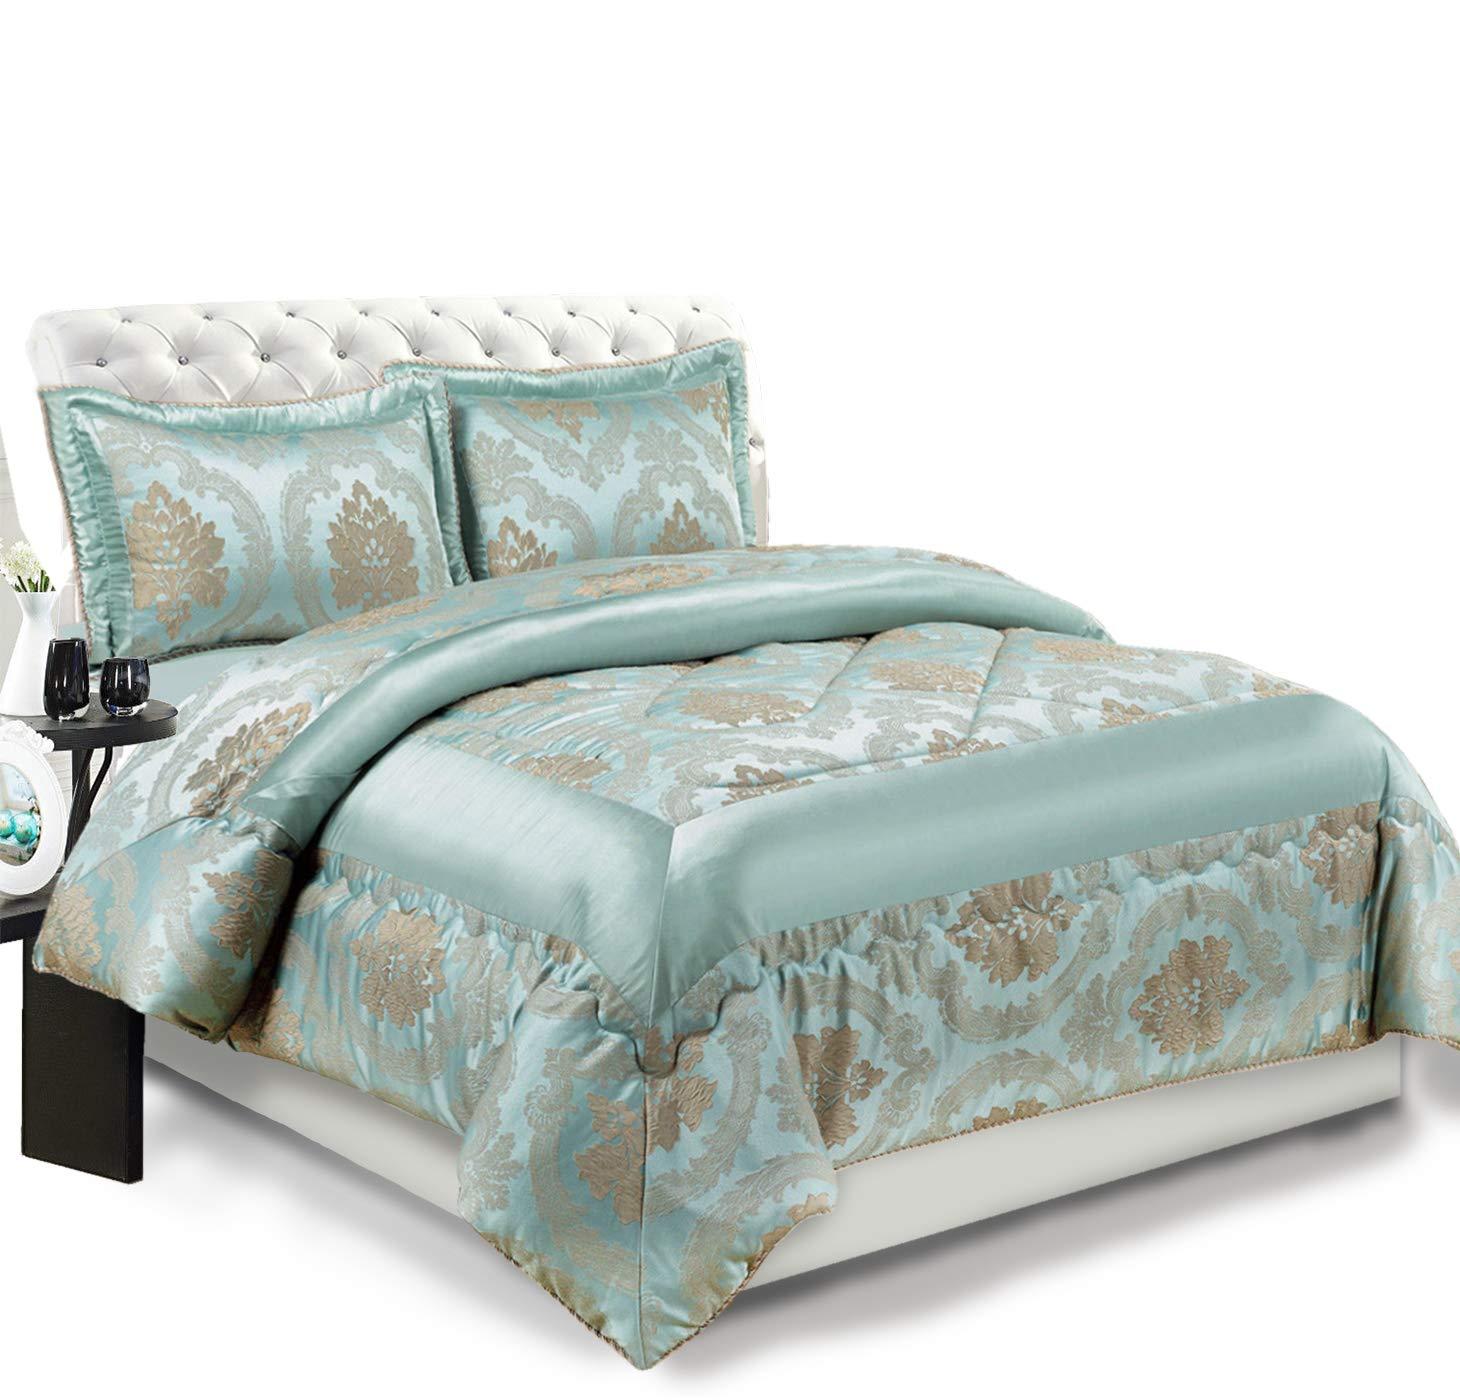 orientalische bettdecken ikea wei es schlafzimmer beispiele deko f r modern bettw sche. Black Bedroom Furniture Sets. Home Design Ideas